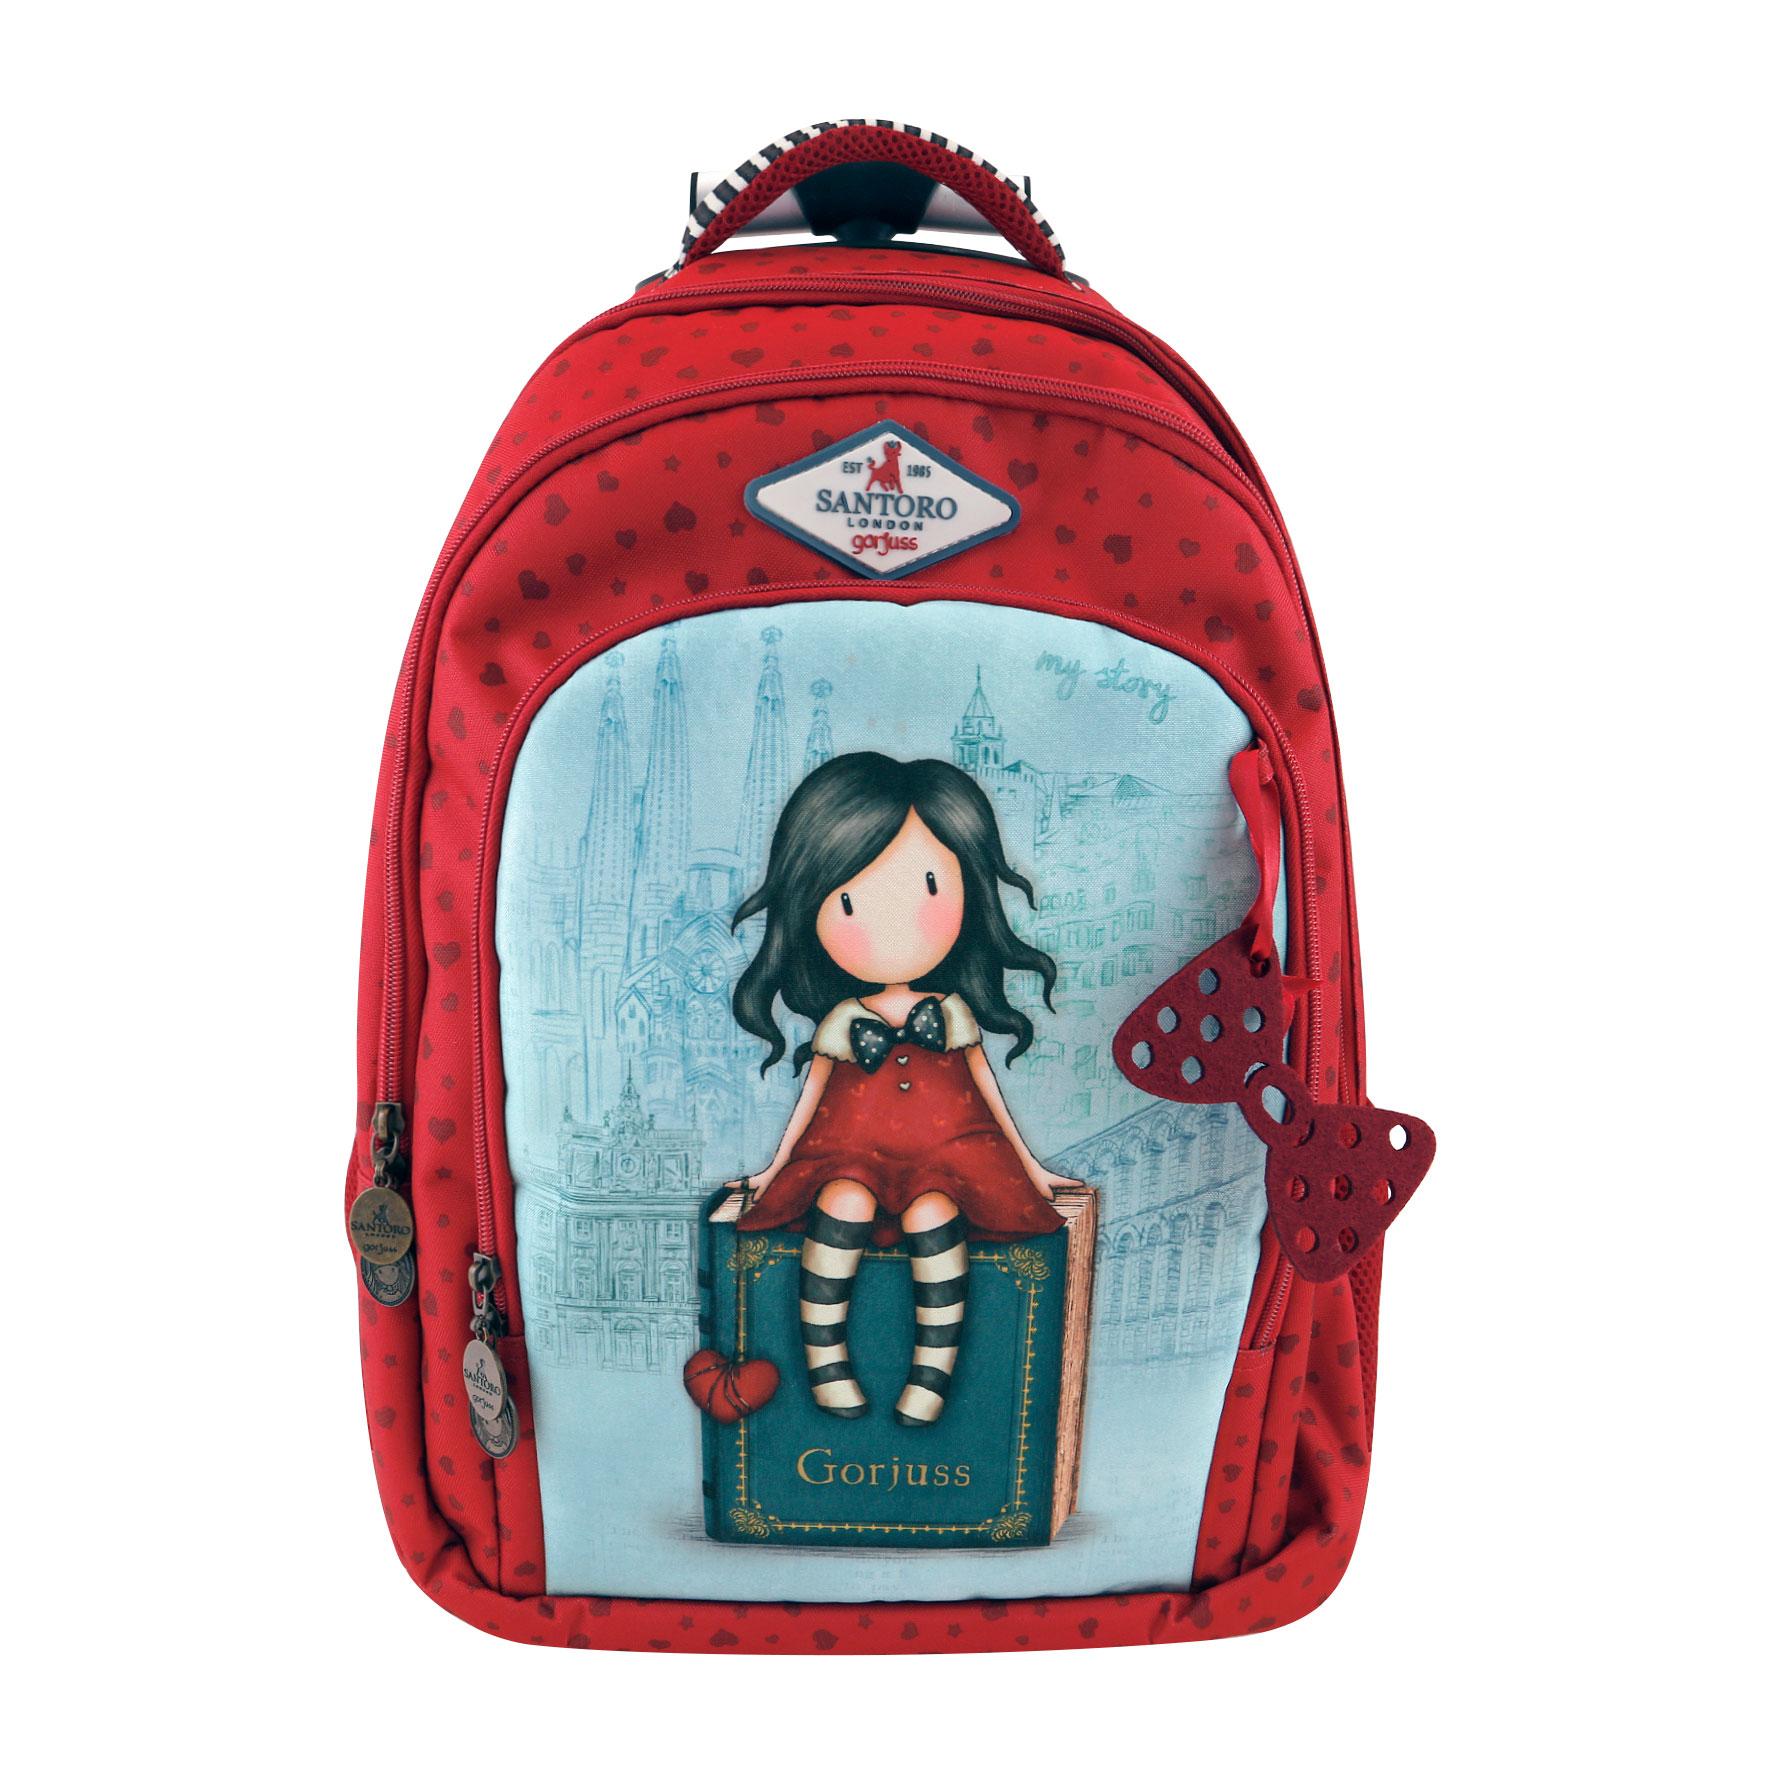 Santoro London - Batoh školní na kolečkách 31l - Gorjuss Cityscape - My Story Červená, modrá;Červená, modrá